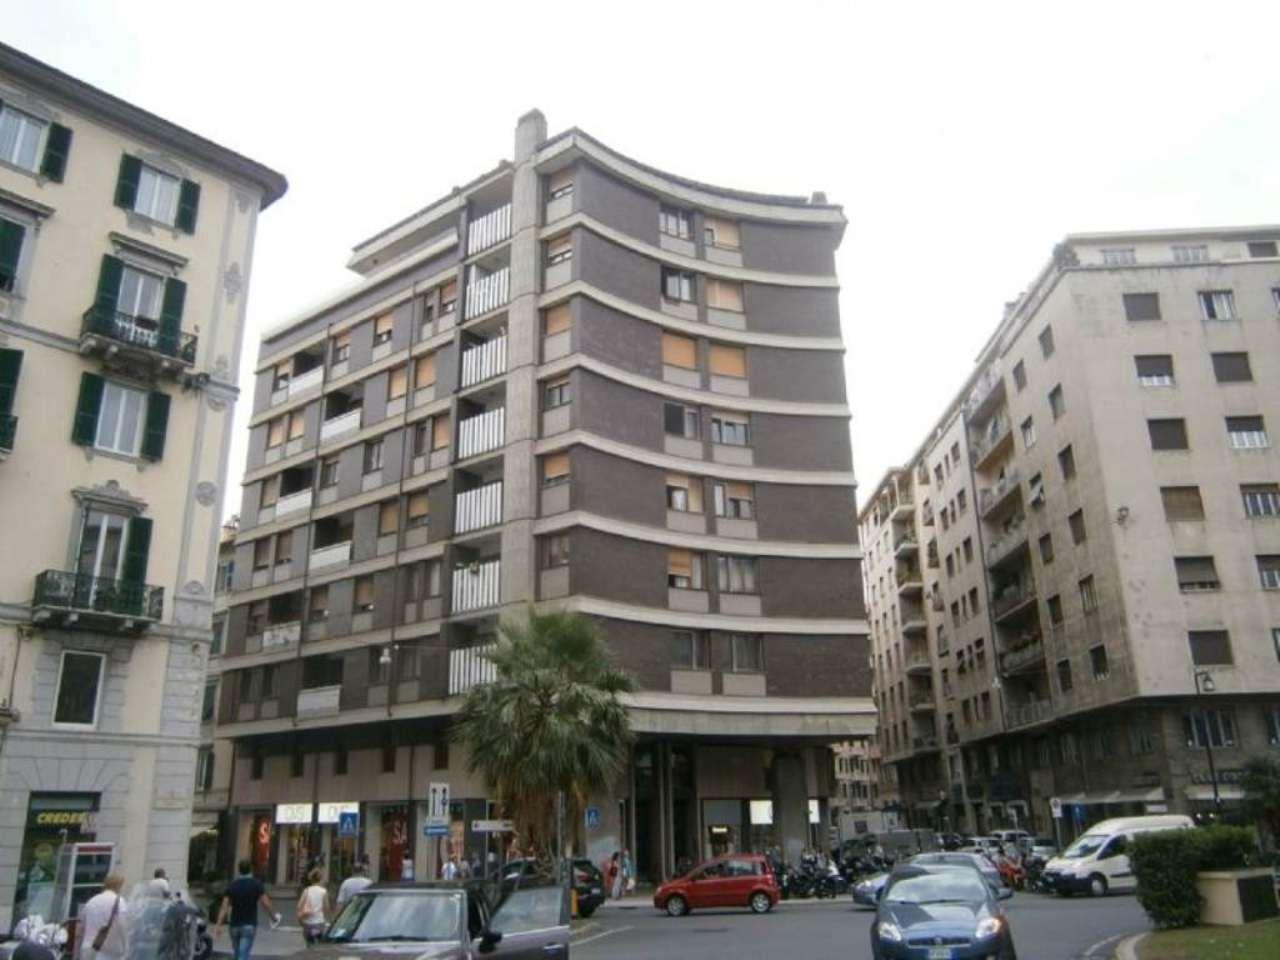 Ufficio / Studio in vendita a Savona, 15 locali, prezzo € 690.000 | CambioCasa.it